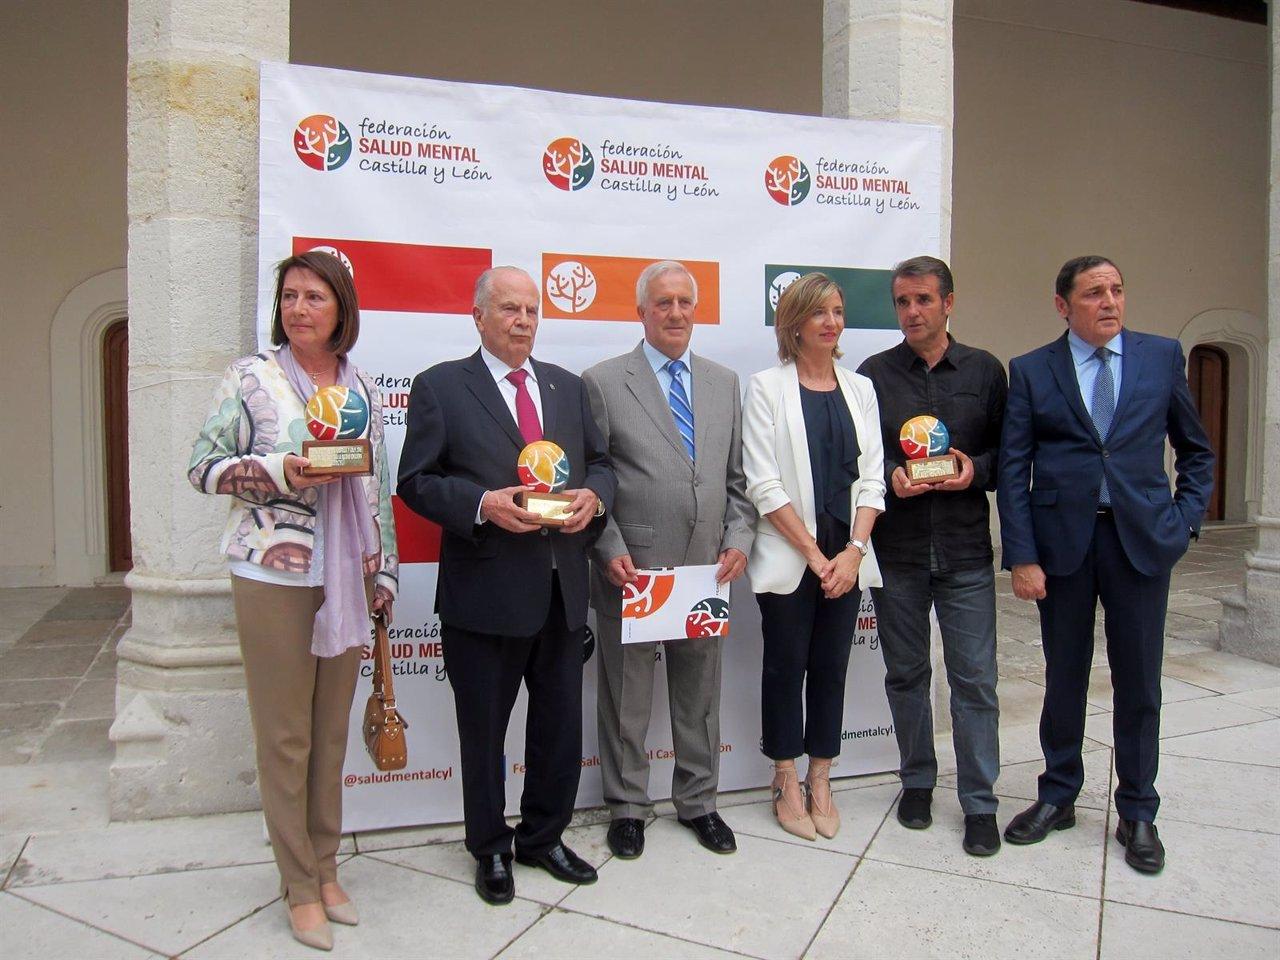 Los premiados posan junto a los consejeros Alicia García y Antonio María Sáez .